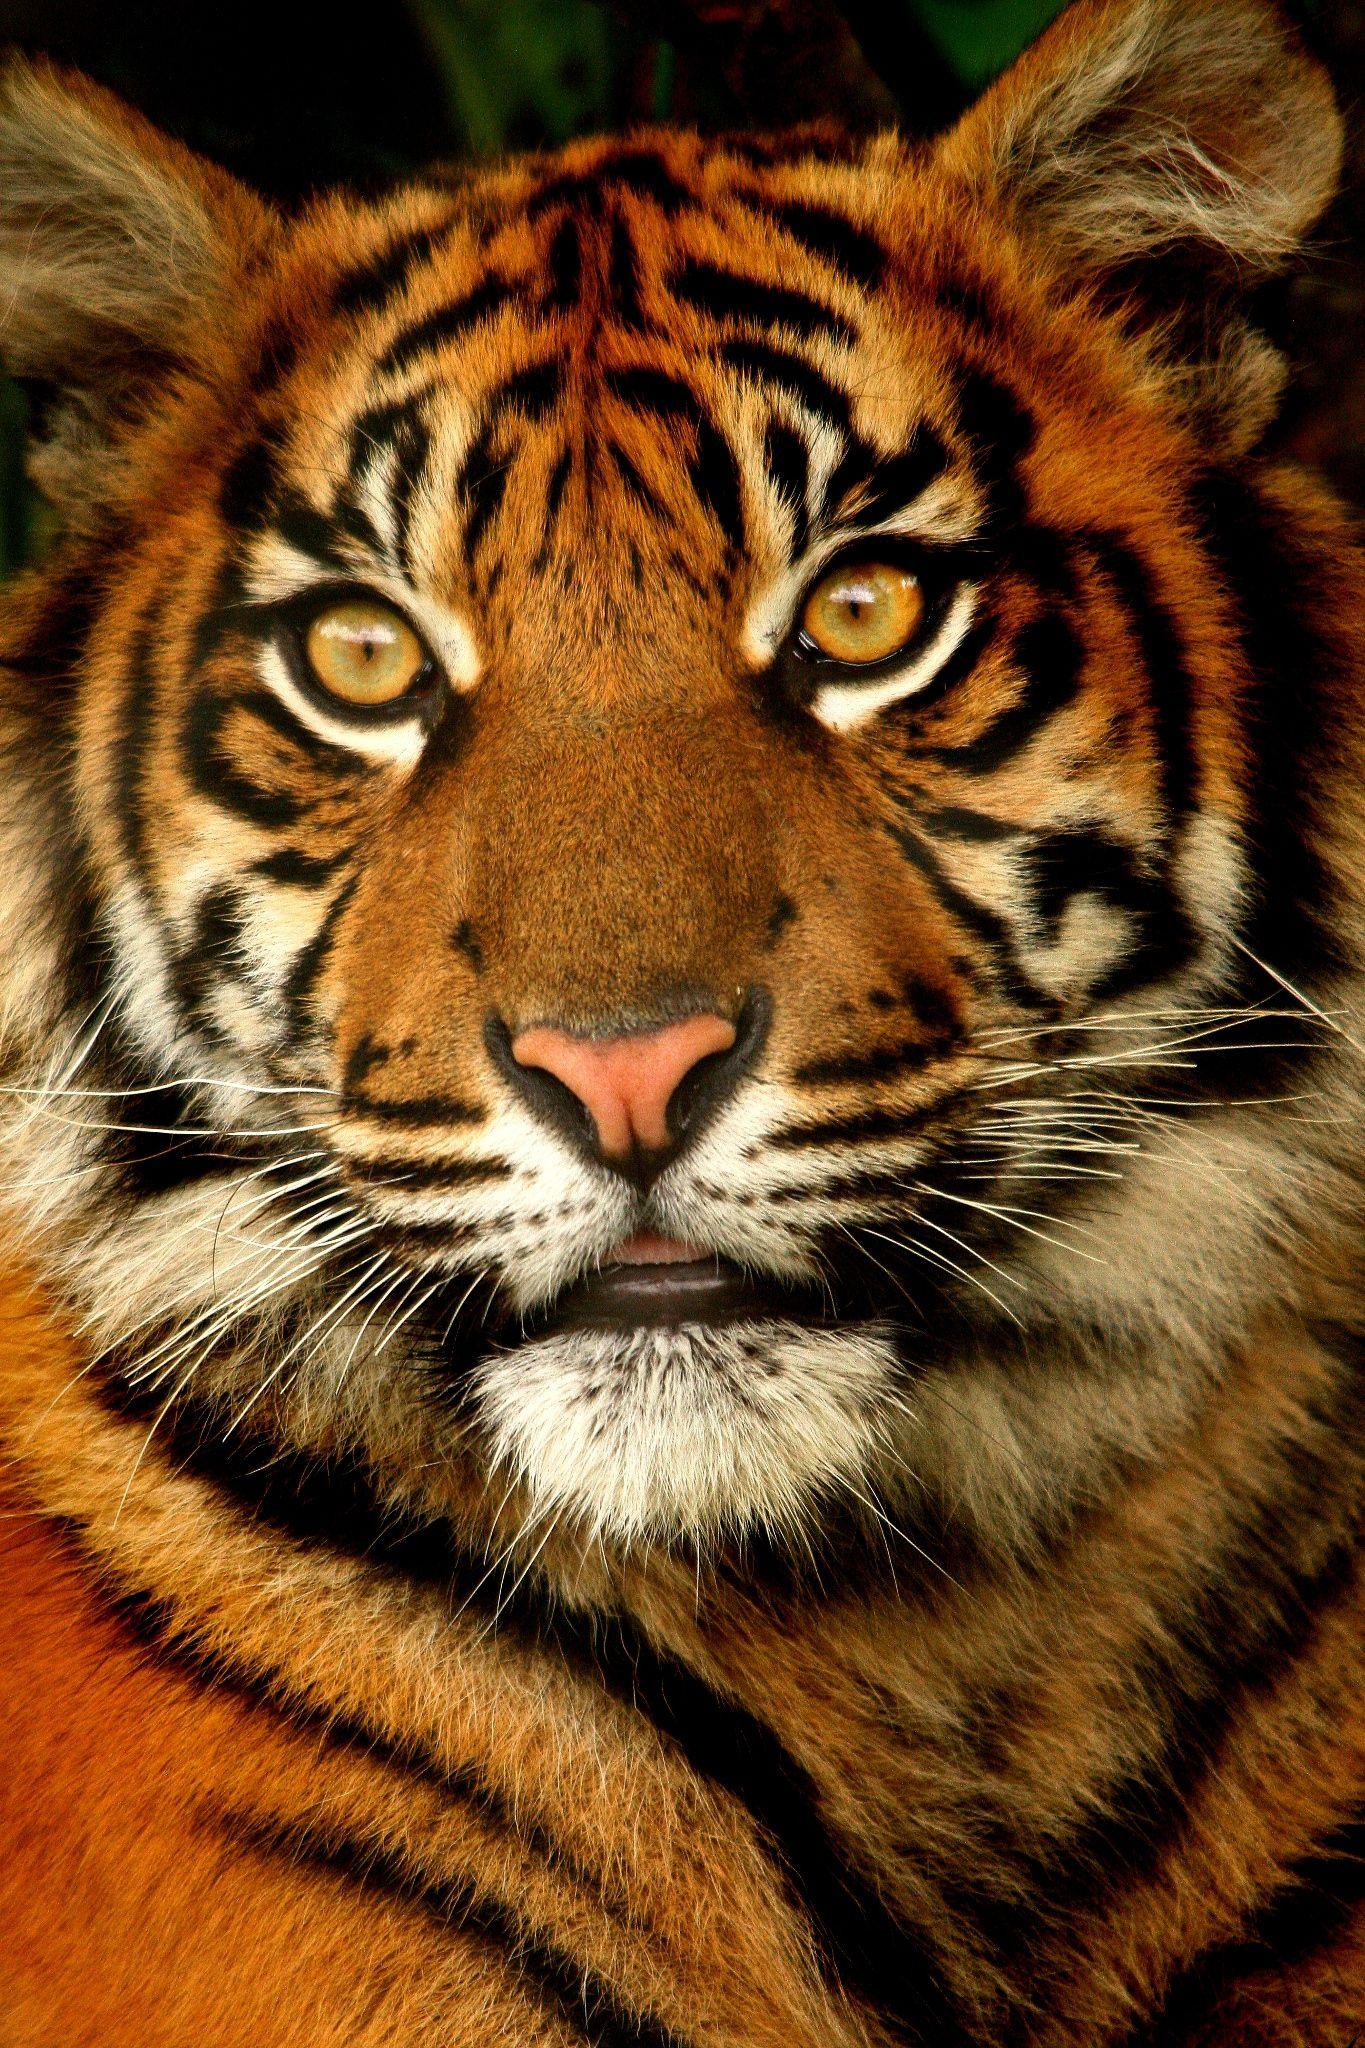 Sumatran Tiger Cub Taken at Chester Zoo, Uk. Cats